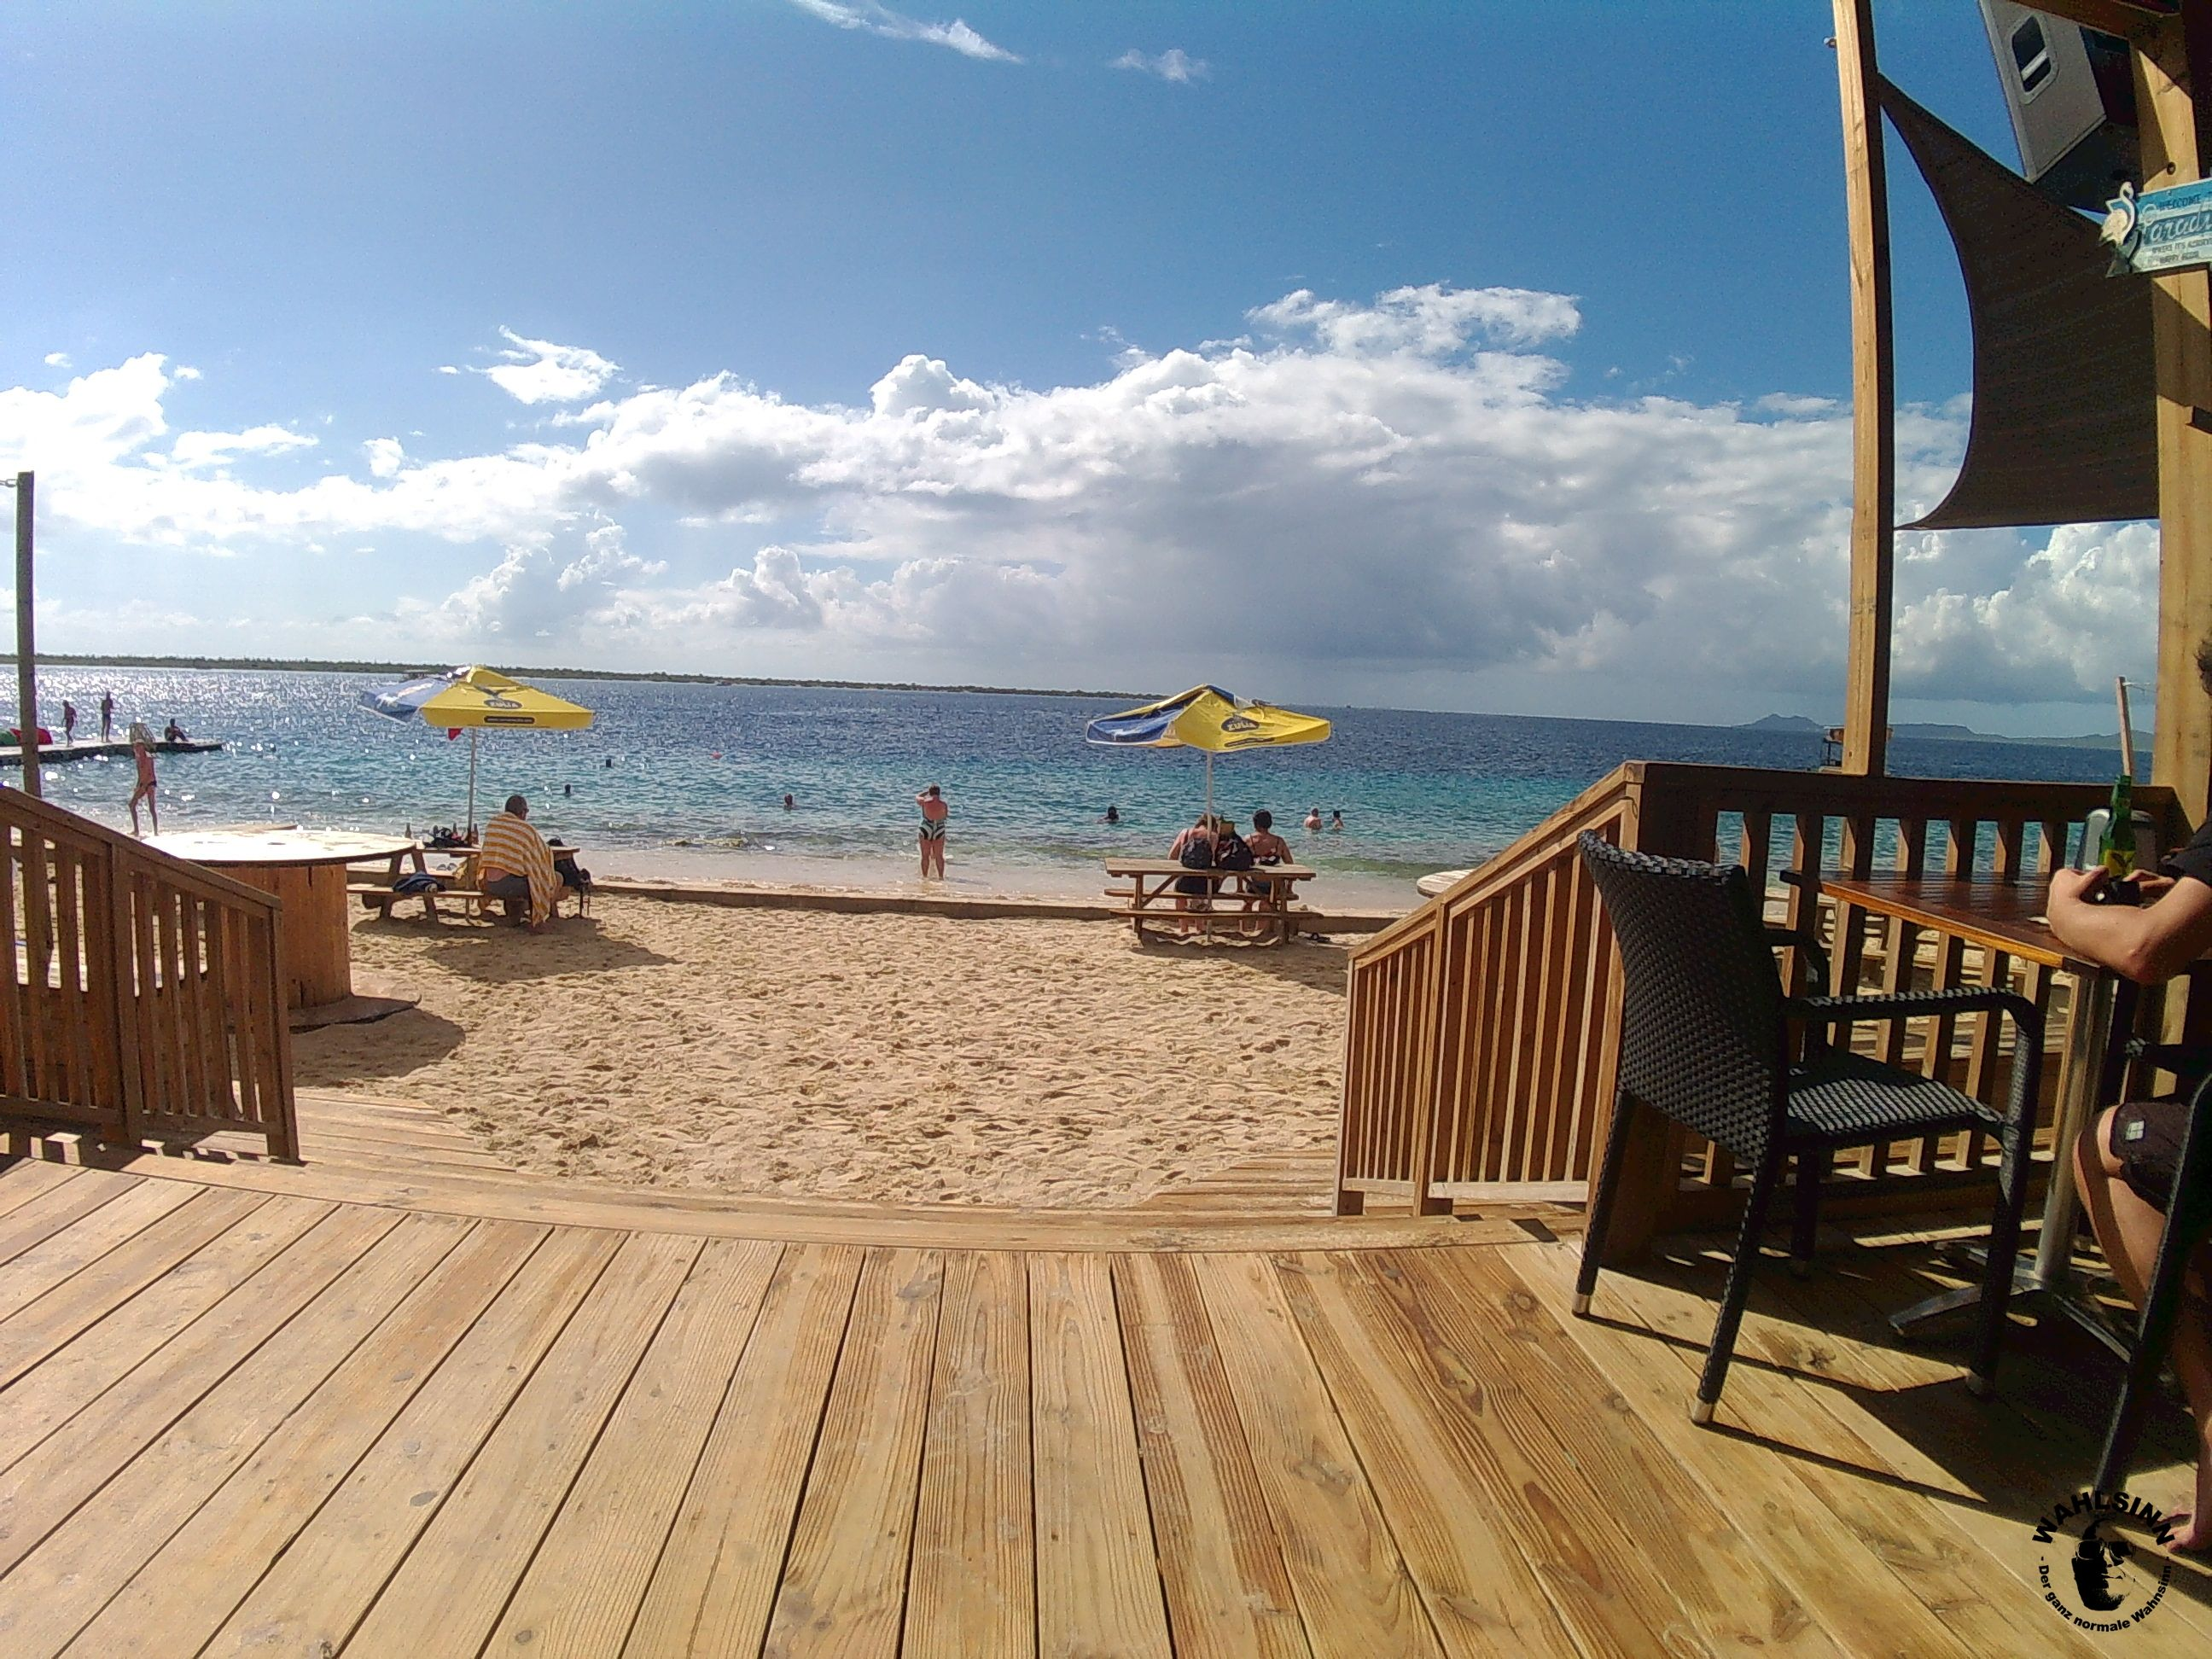 Bonaire - Einer der vielen kleinen Strandbars auf Bonaire. Hier schlägt das Wassersportler Herz höher